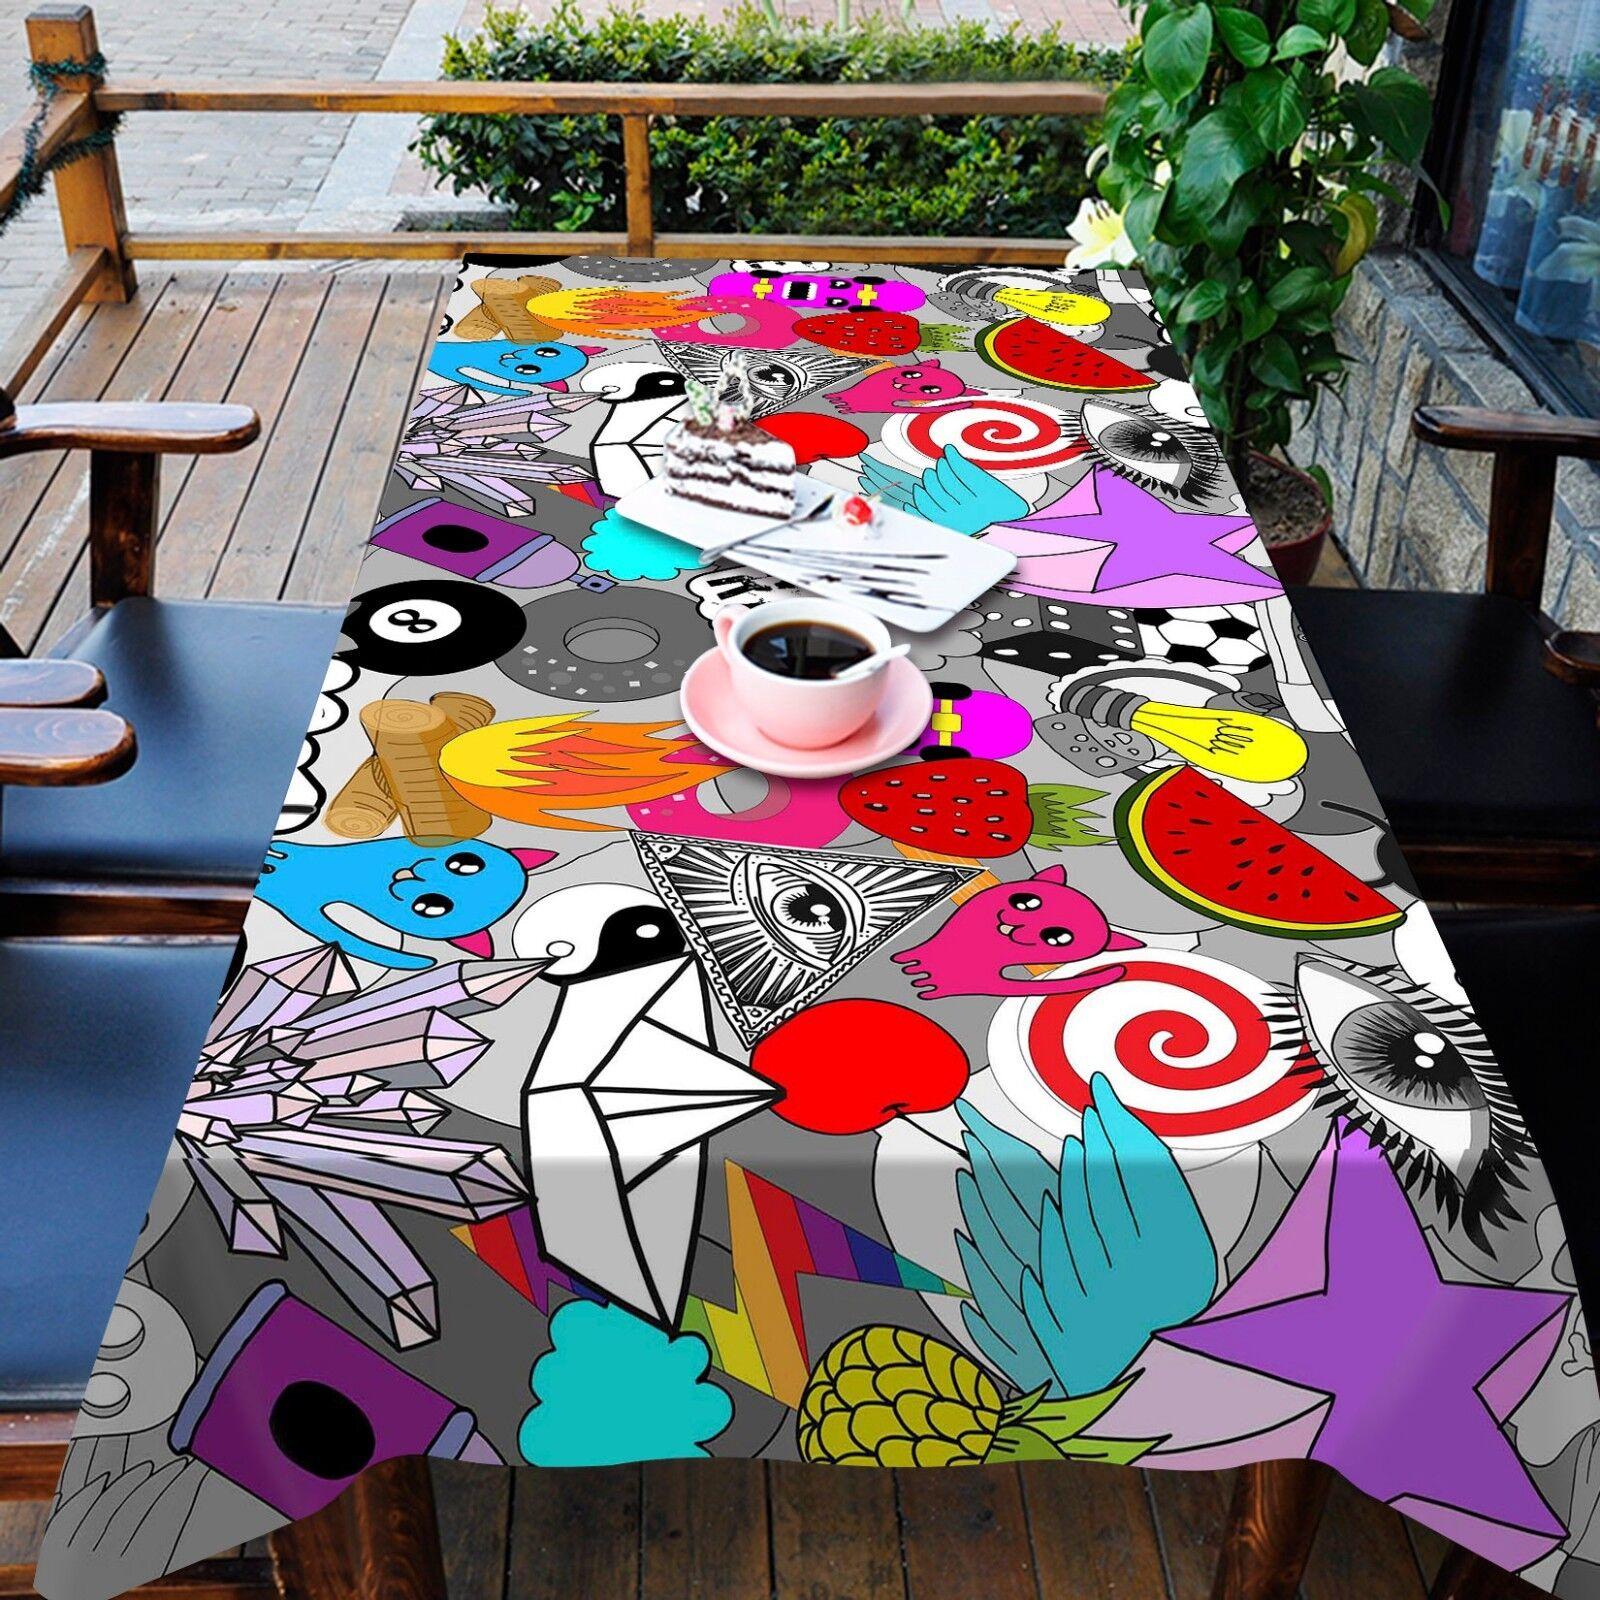 3D CARICATURE 45 Nappe Table Cover Cloth fête d'anniversaire AJ papier peint Royaume-Uni Citron